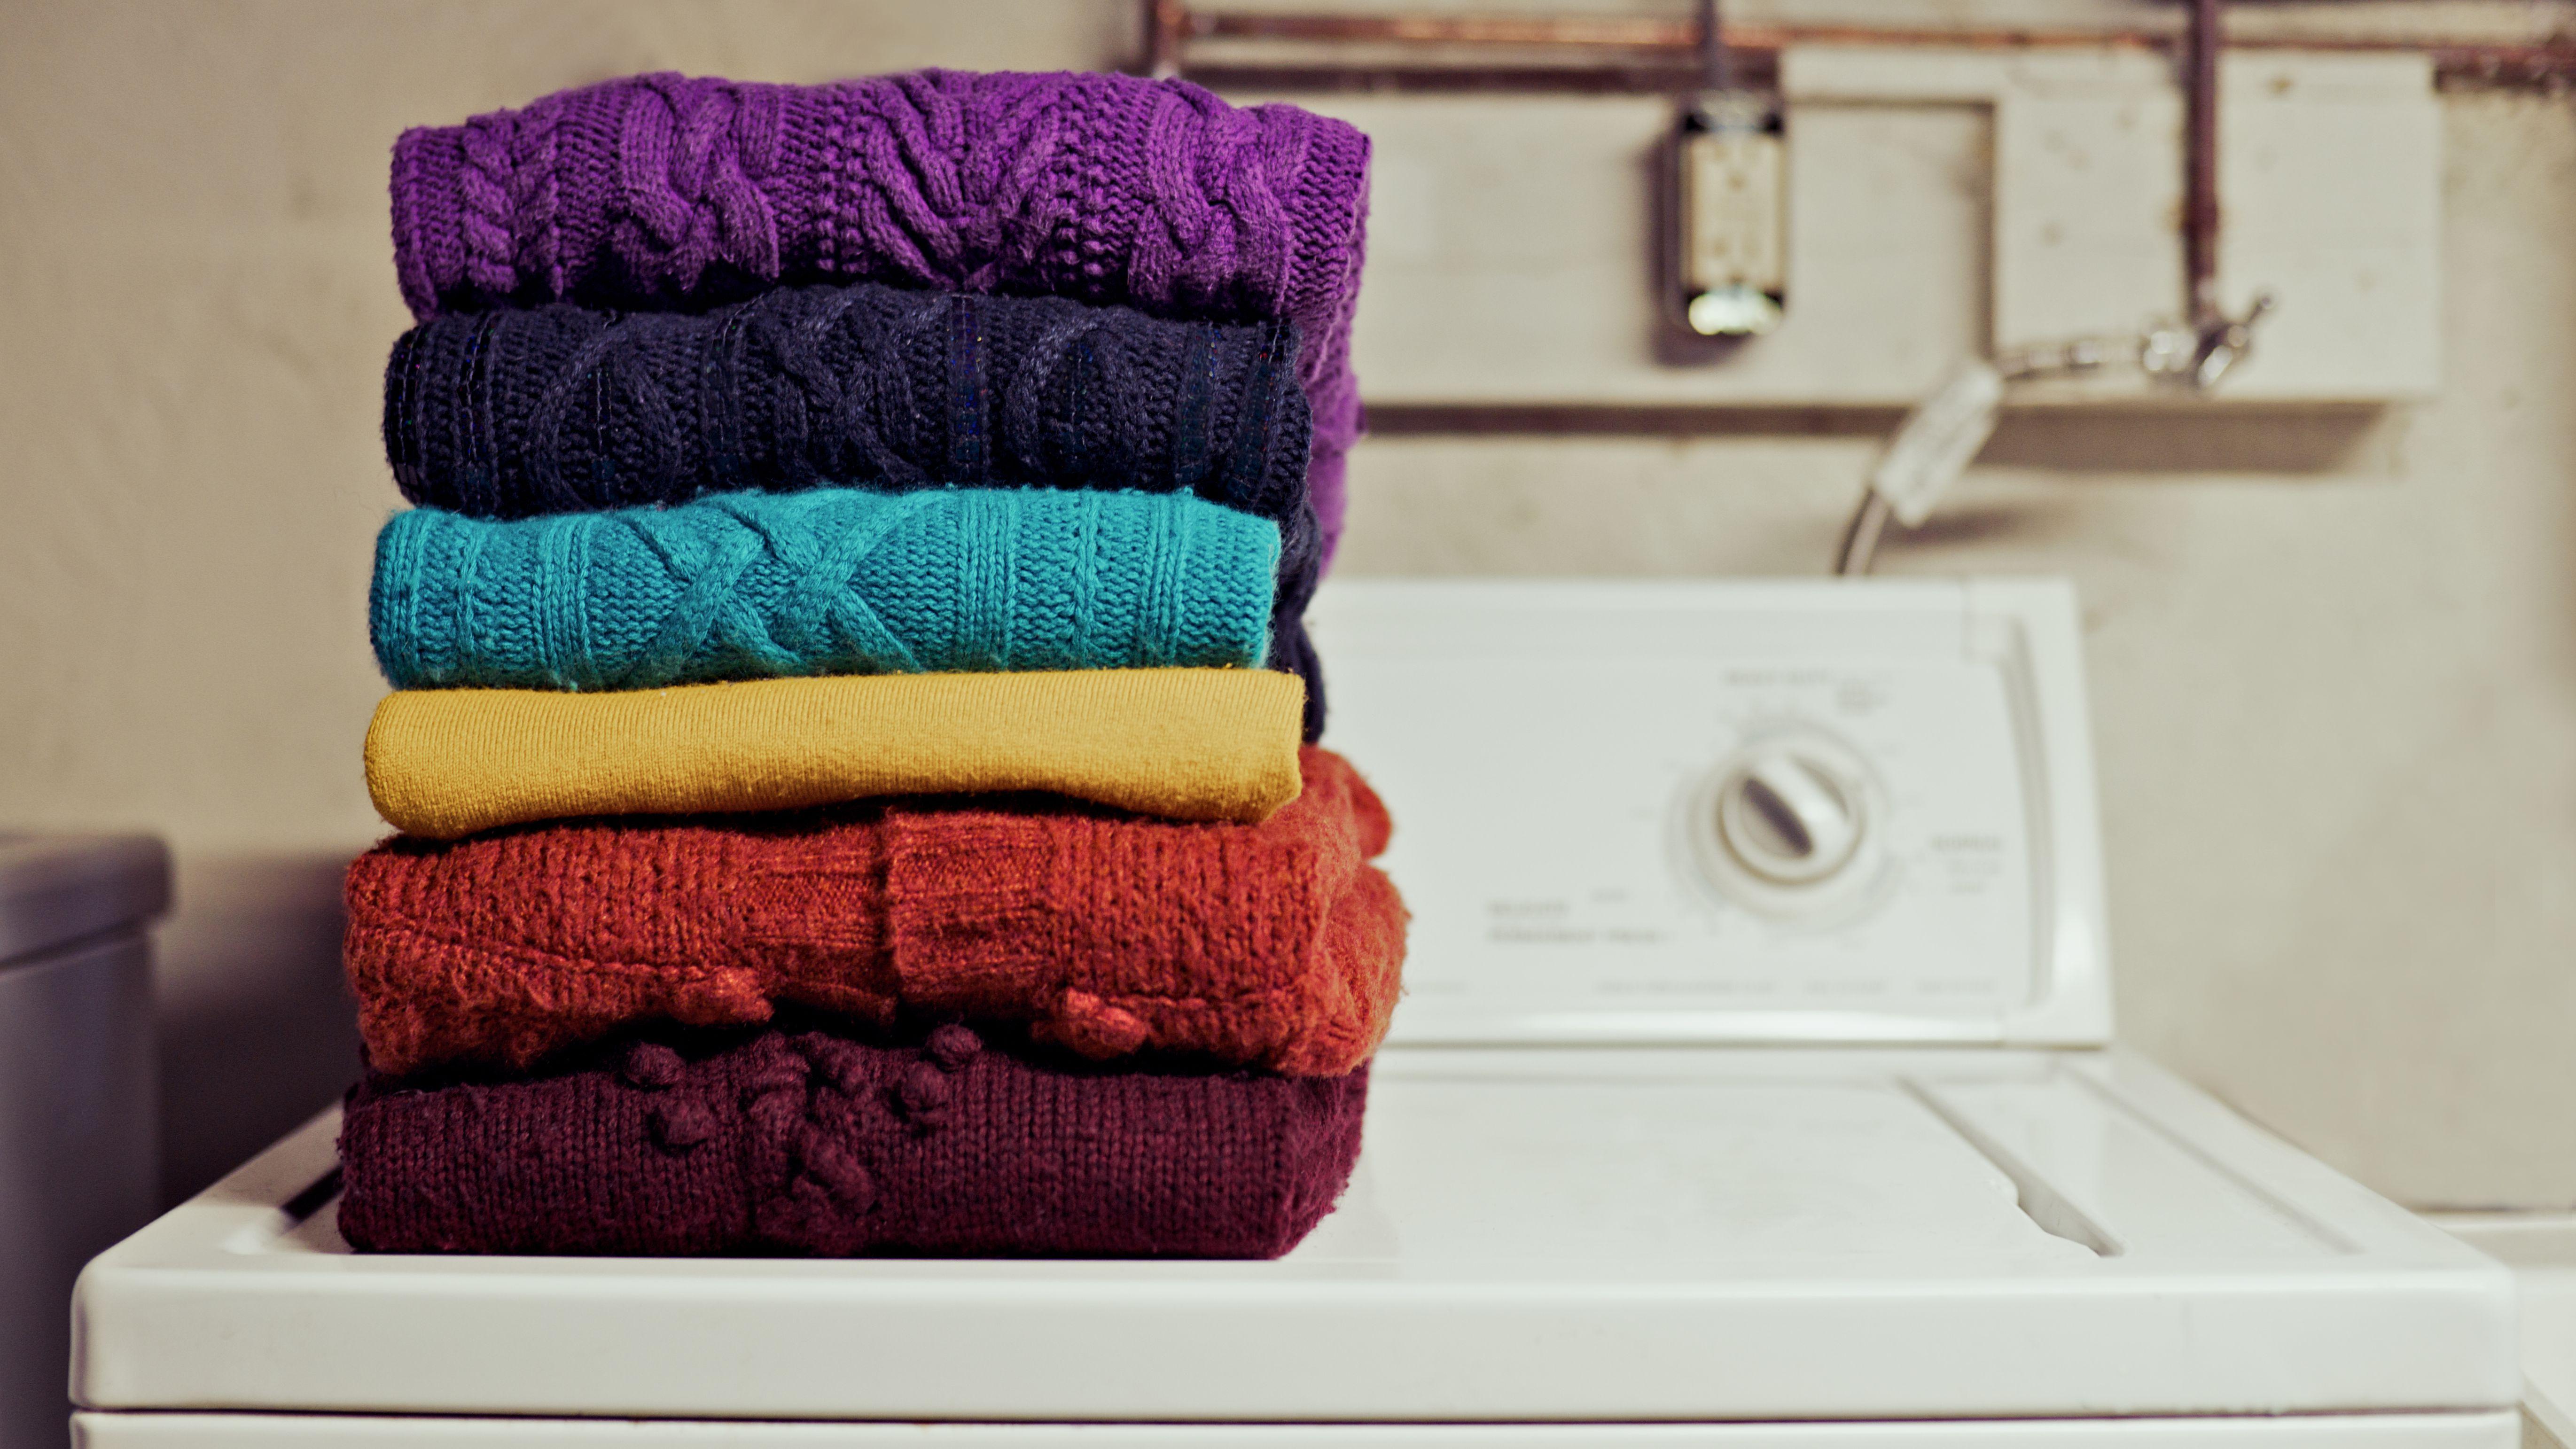 How To Unshrink A Shrunken Sweater